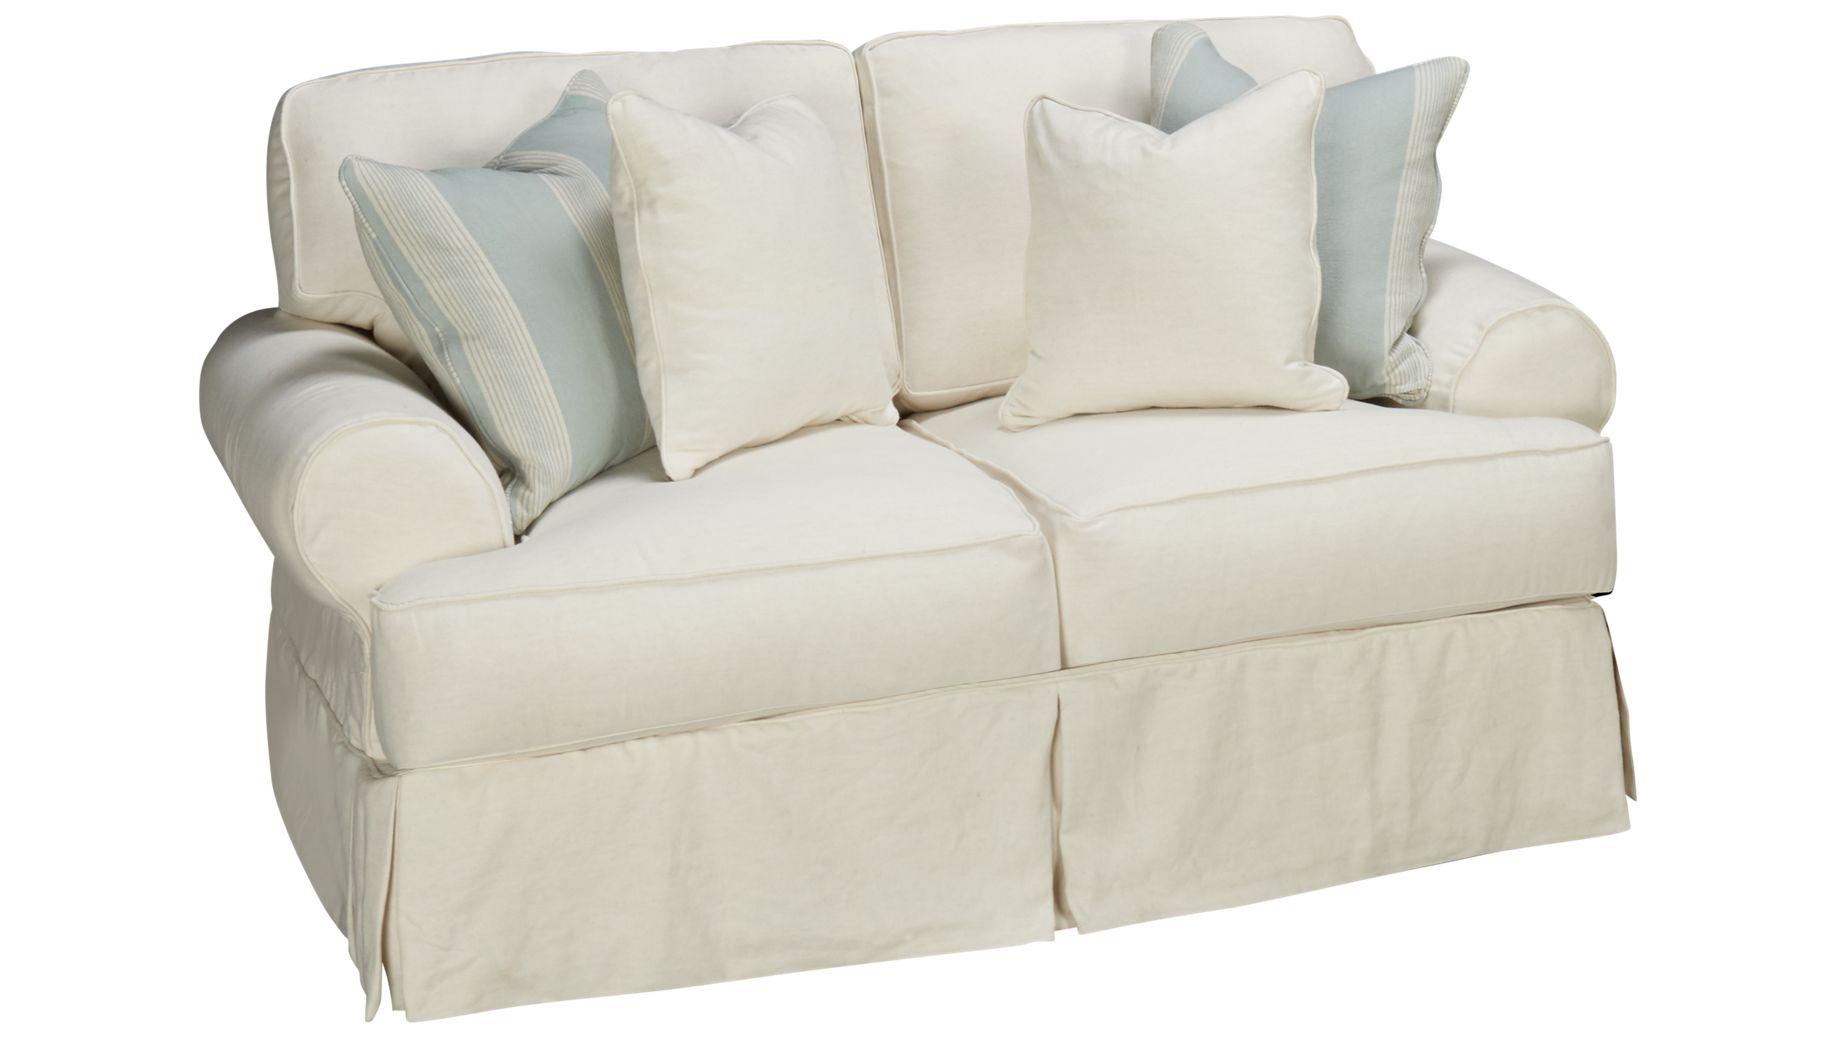 Slipcover For Loveseat Sofa Bed